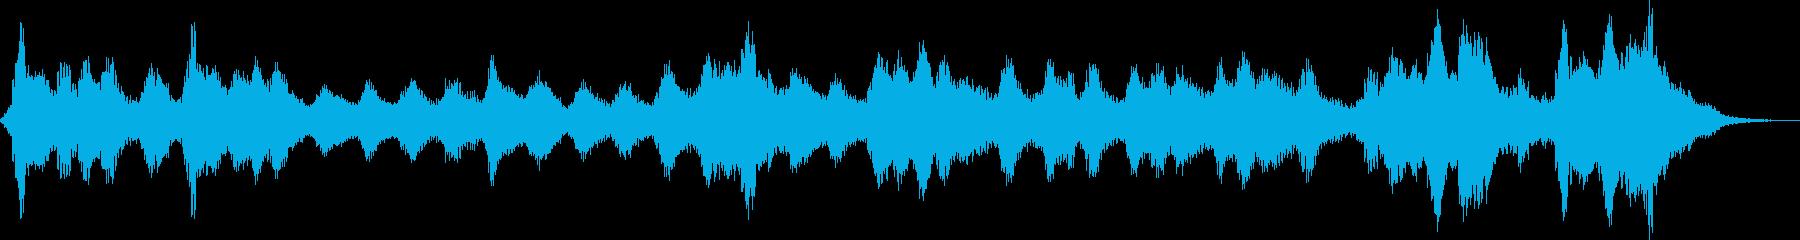 薄ら寒い雰囲気のホラー曲の再生済みの波形